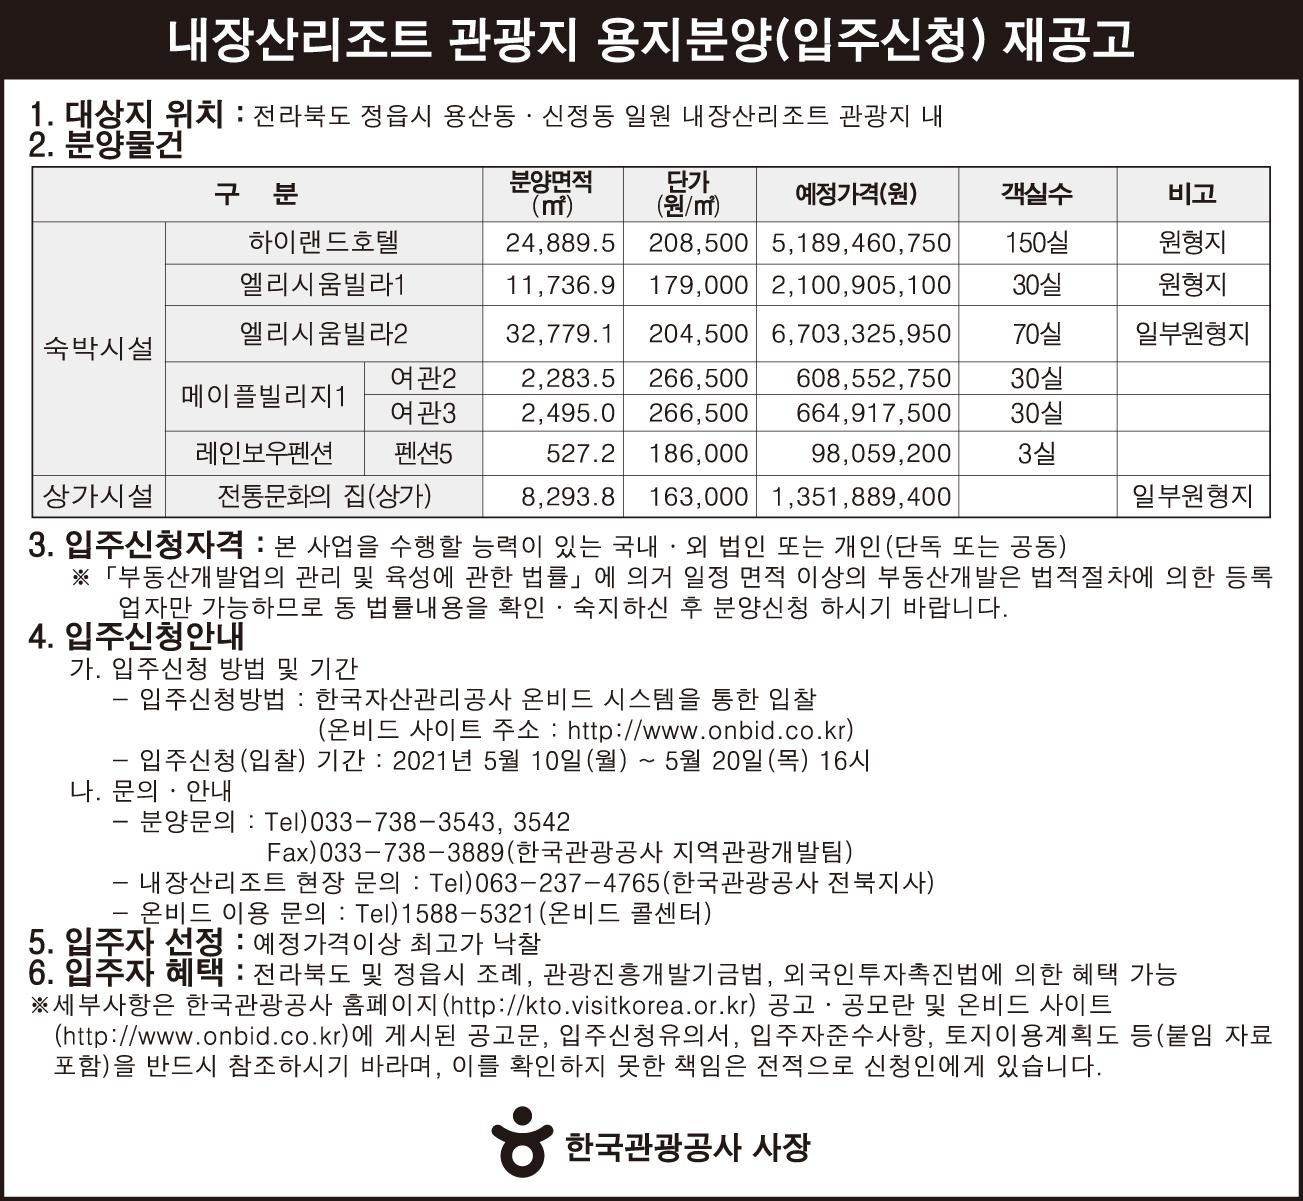 내장산리조트 관광지 용지분양(입주신청) 재공고